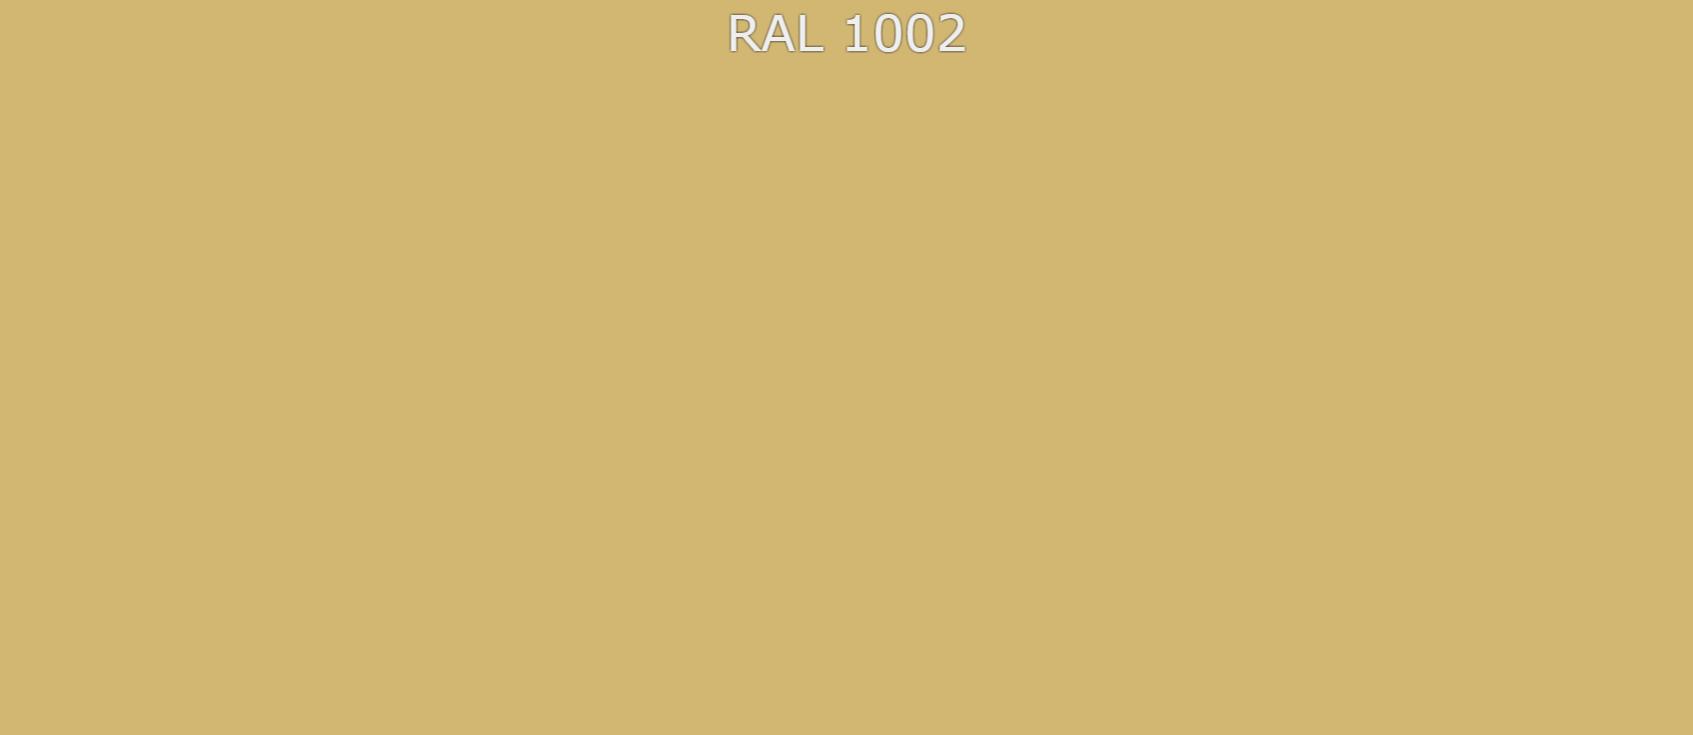 """Краска акриловая универсальная по RAL """"VESTA - 1002 """" цвет Песочно-жёлтый -  1 кг"""